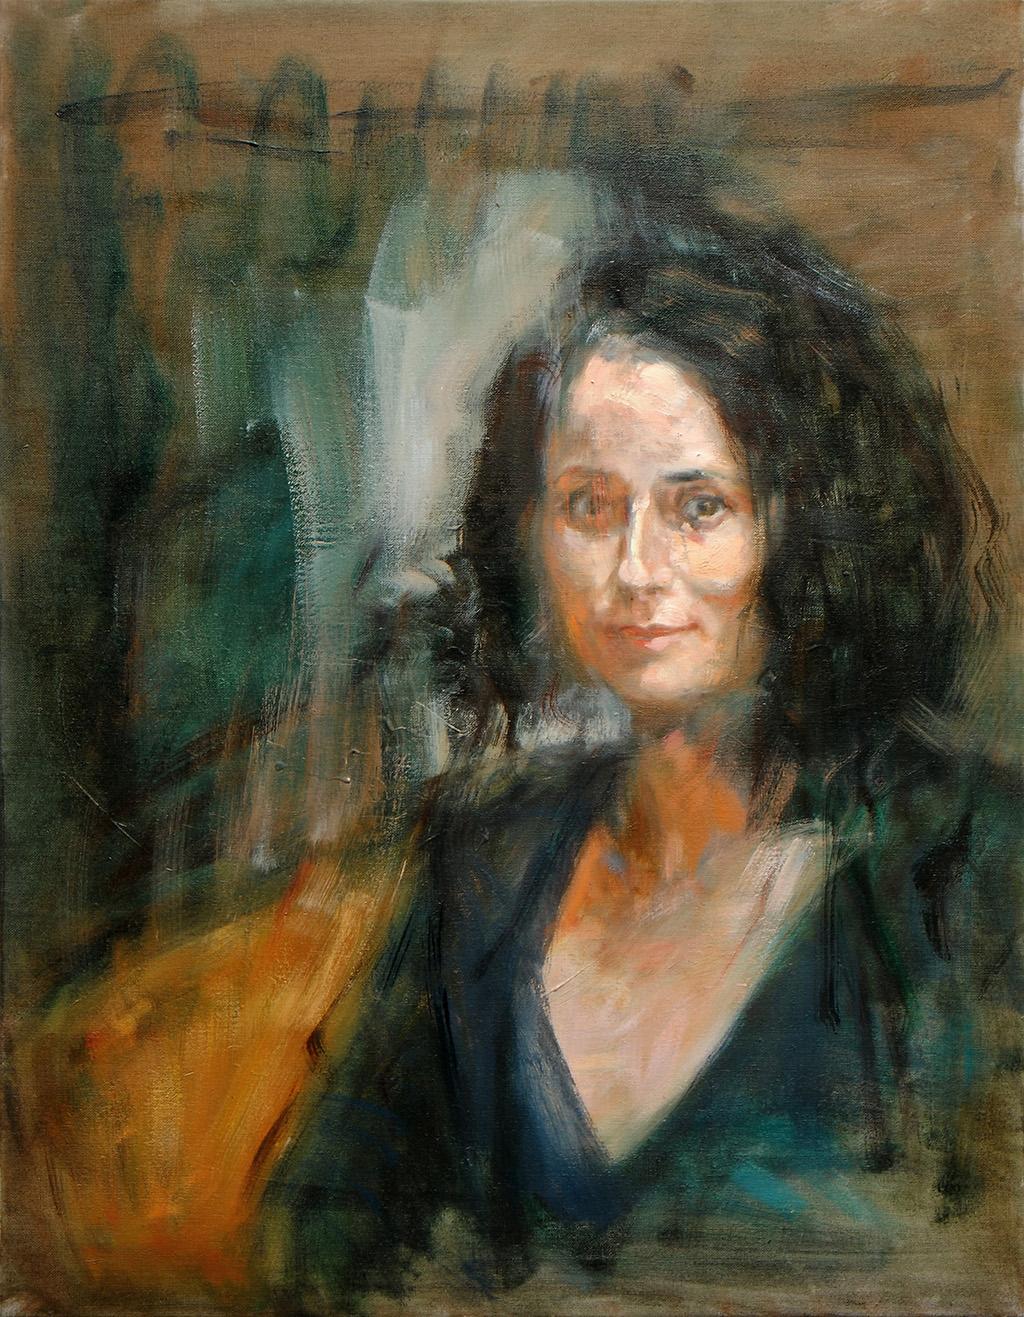 Gisela Stimpfl   2016, Öl/ Lwd, 90x70cm